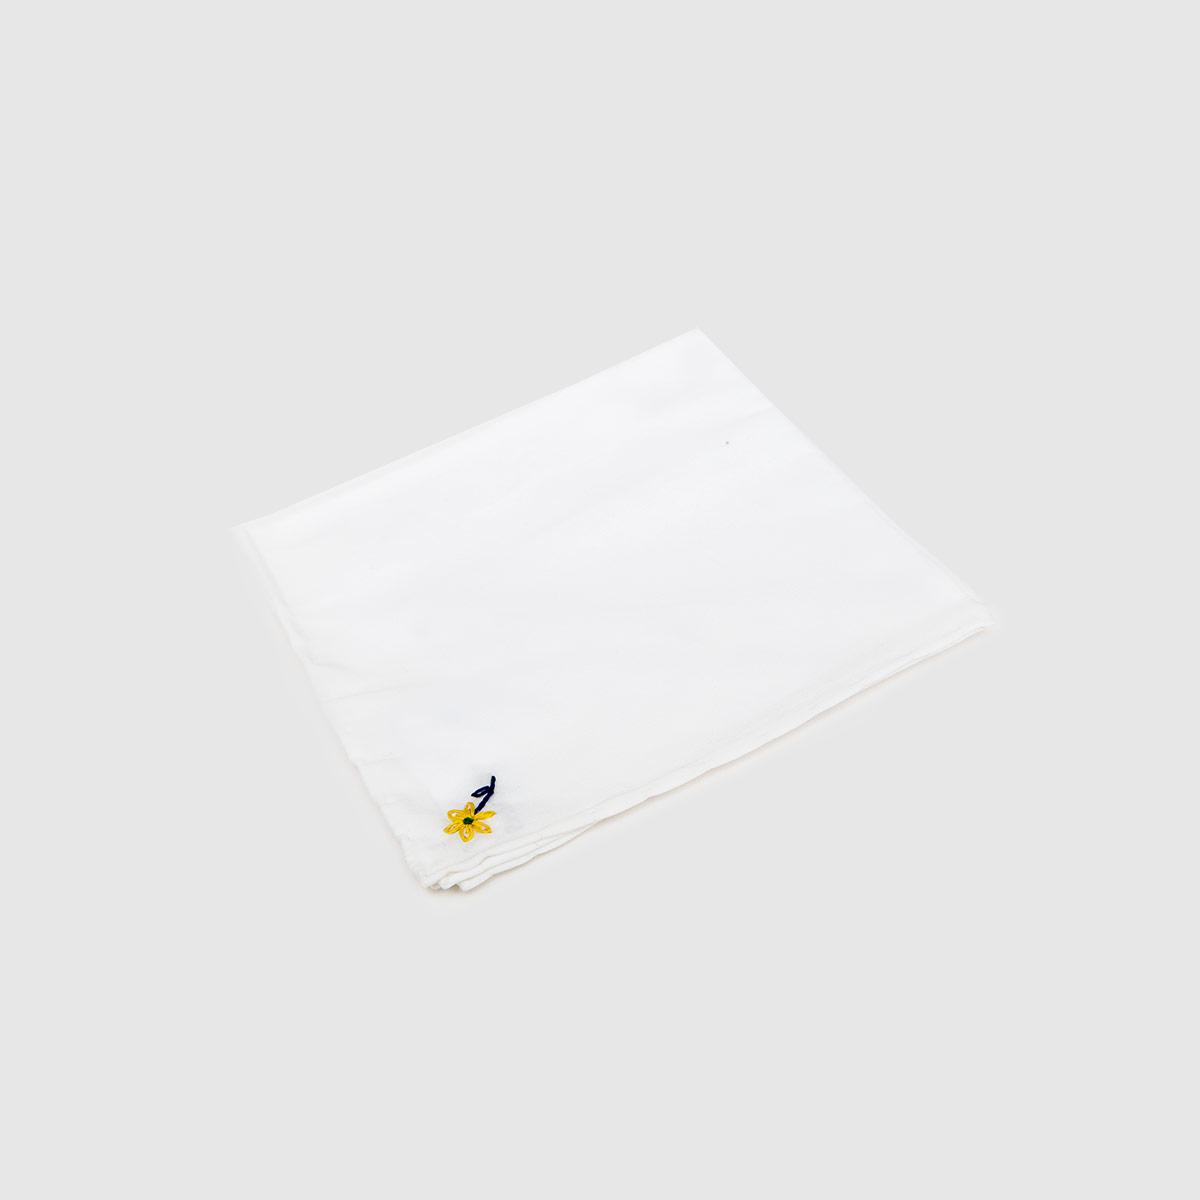 Pochette in Popeline bianco ricamo Fiorellino